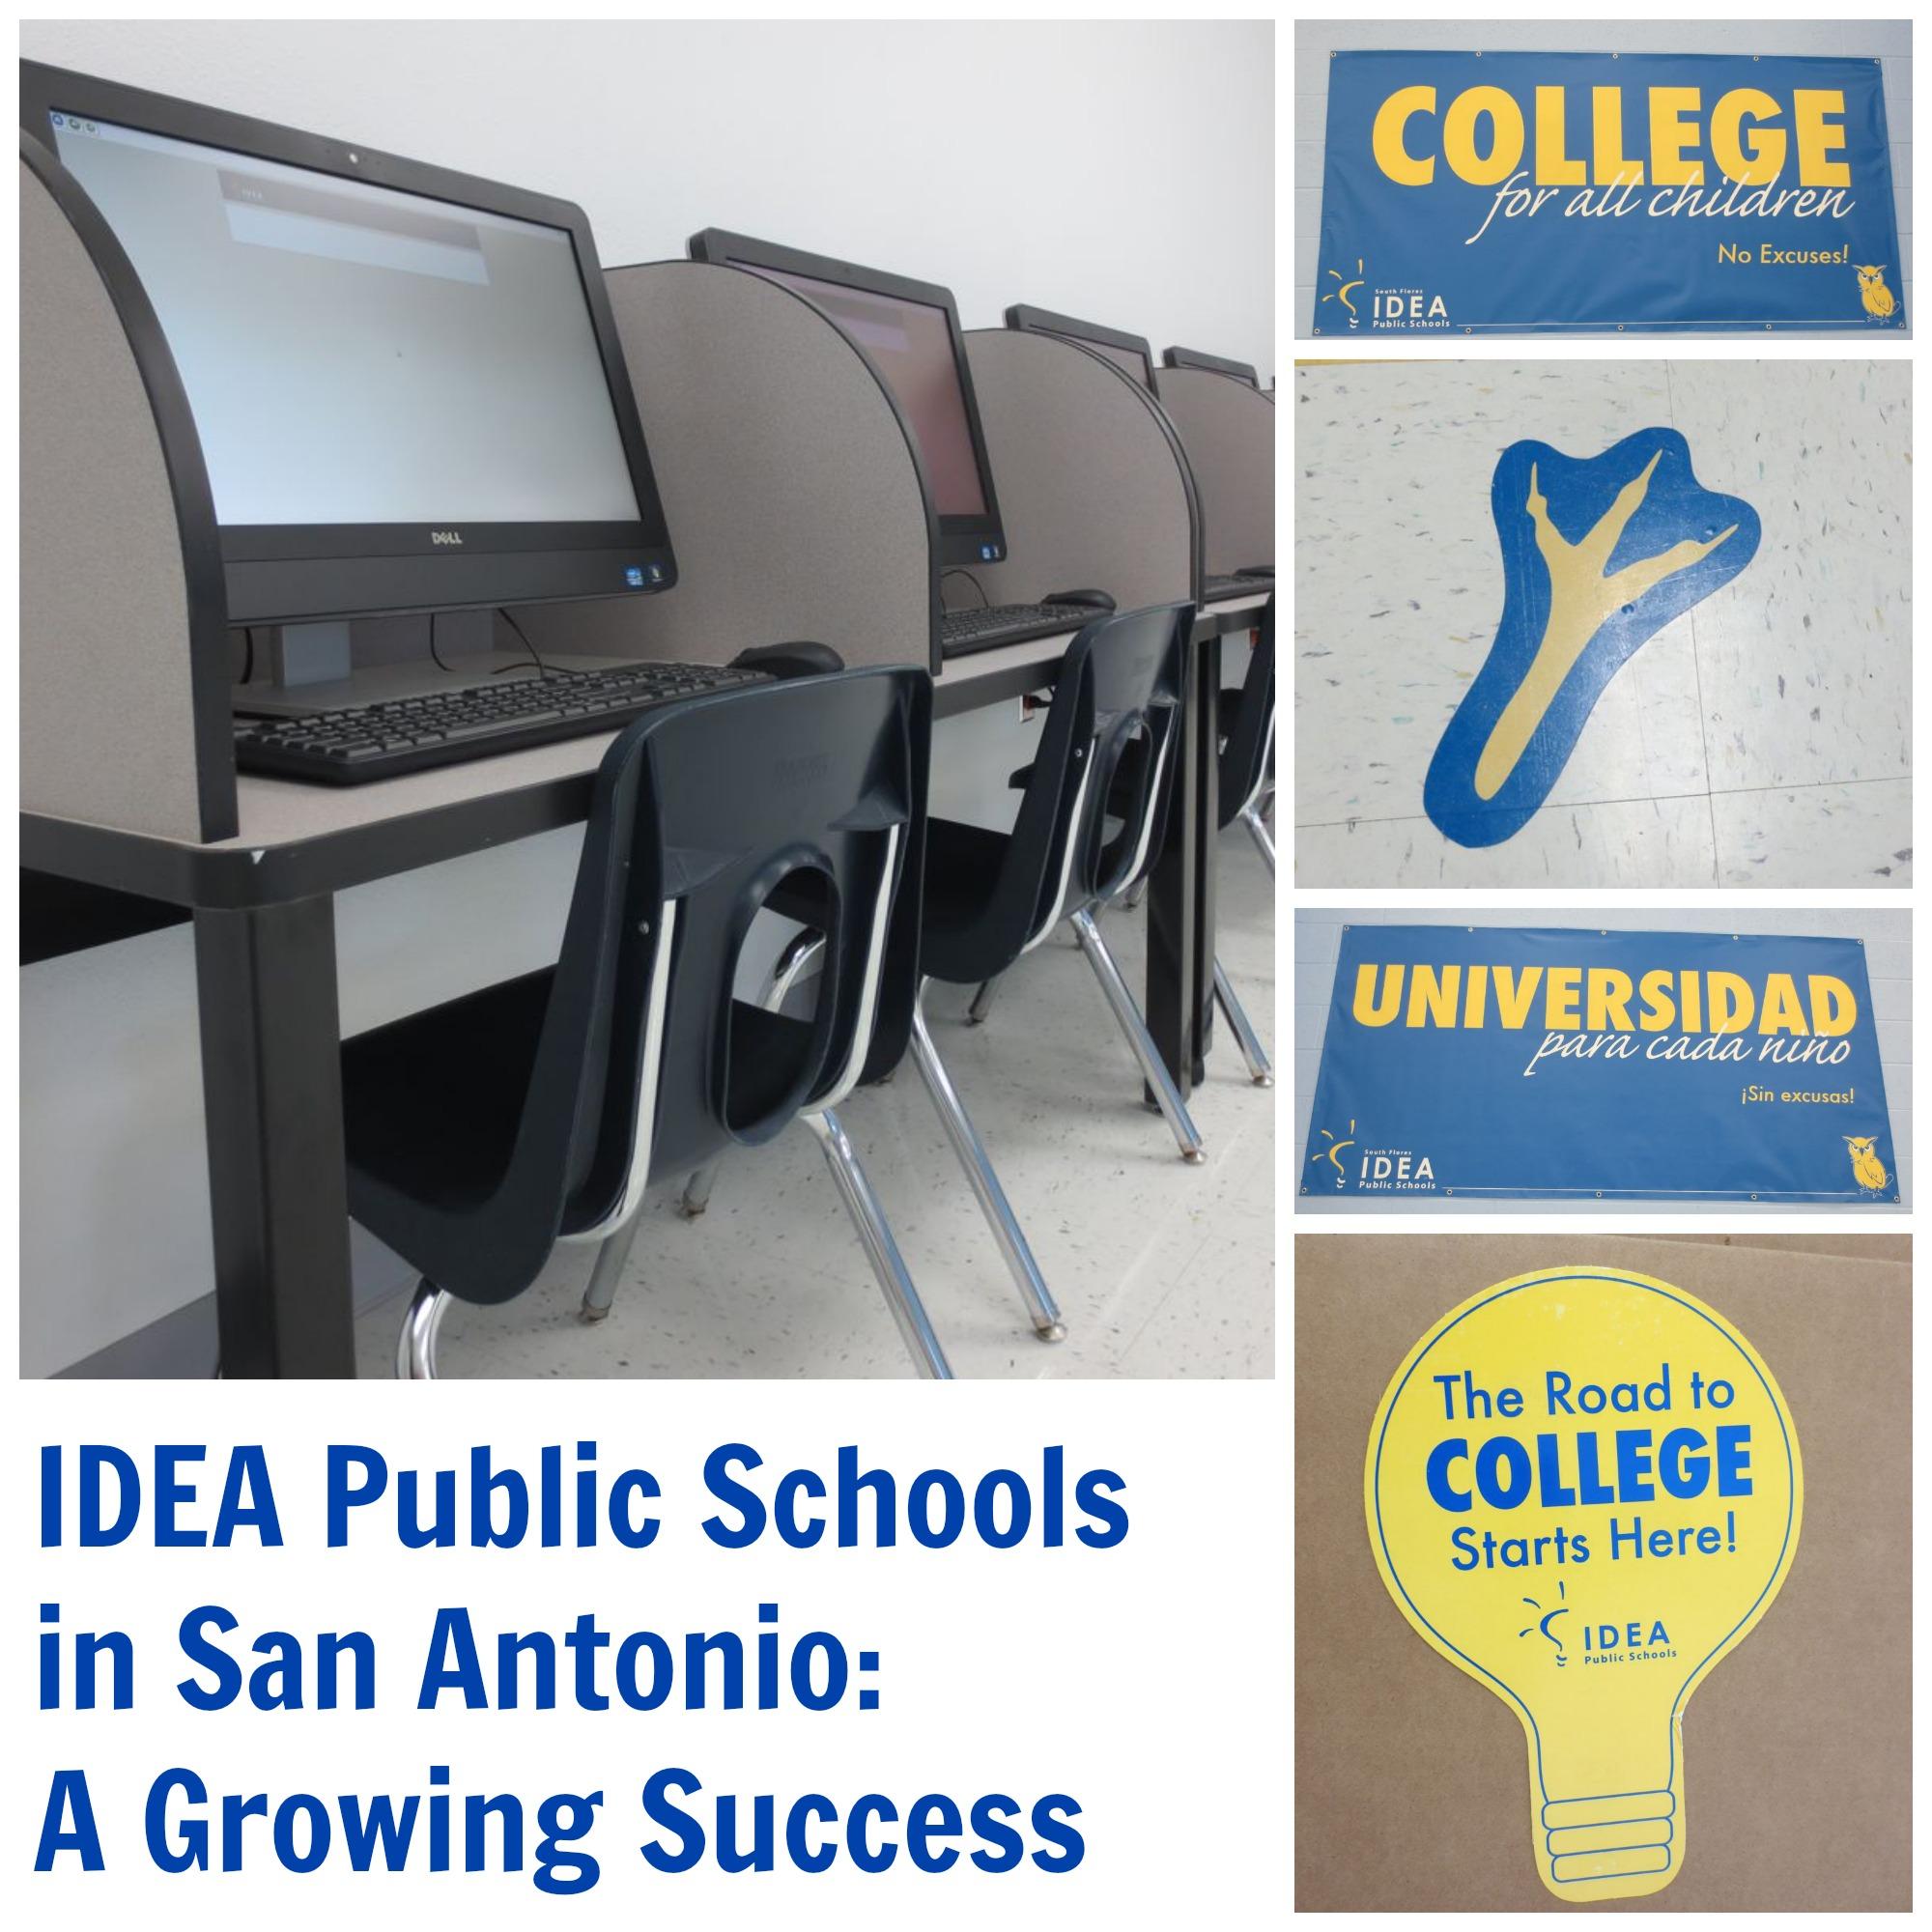 idea public schools a growing success in san antonio san antonio charter moms. Black Bedroom Furniture Sets. Home Design Ideas